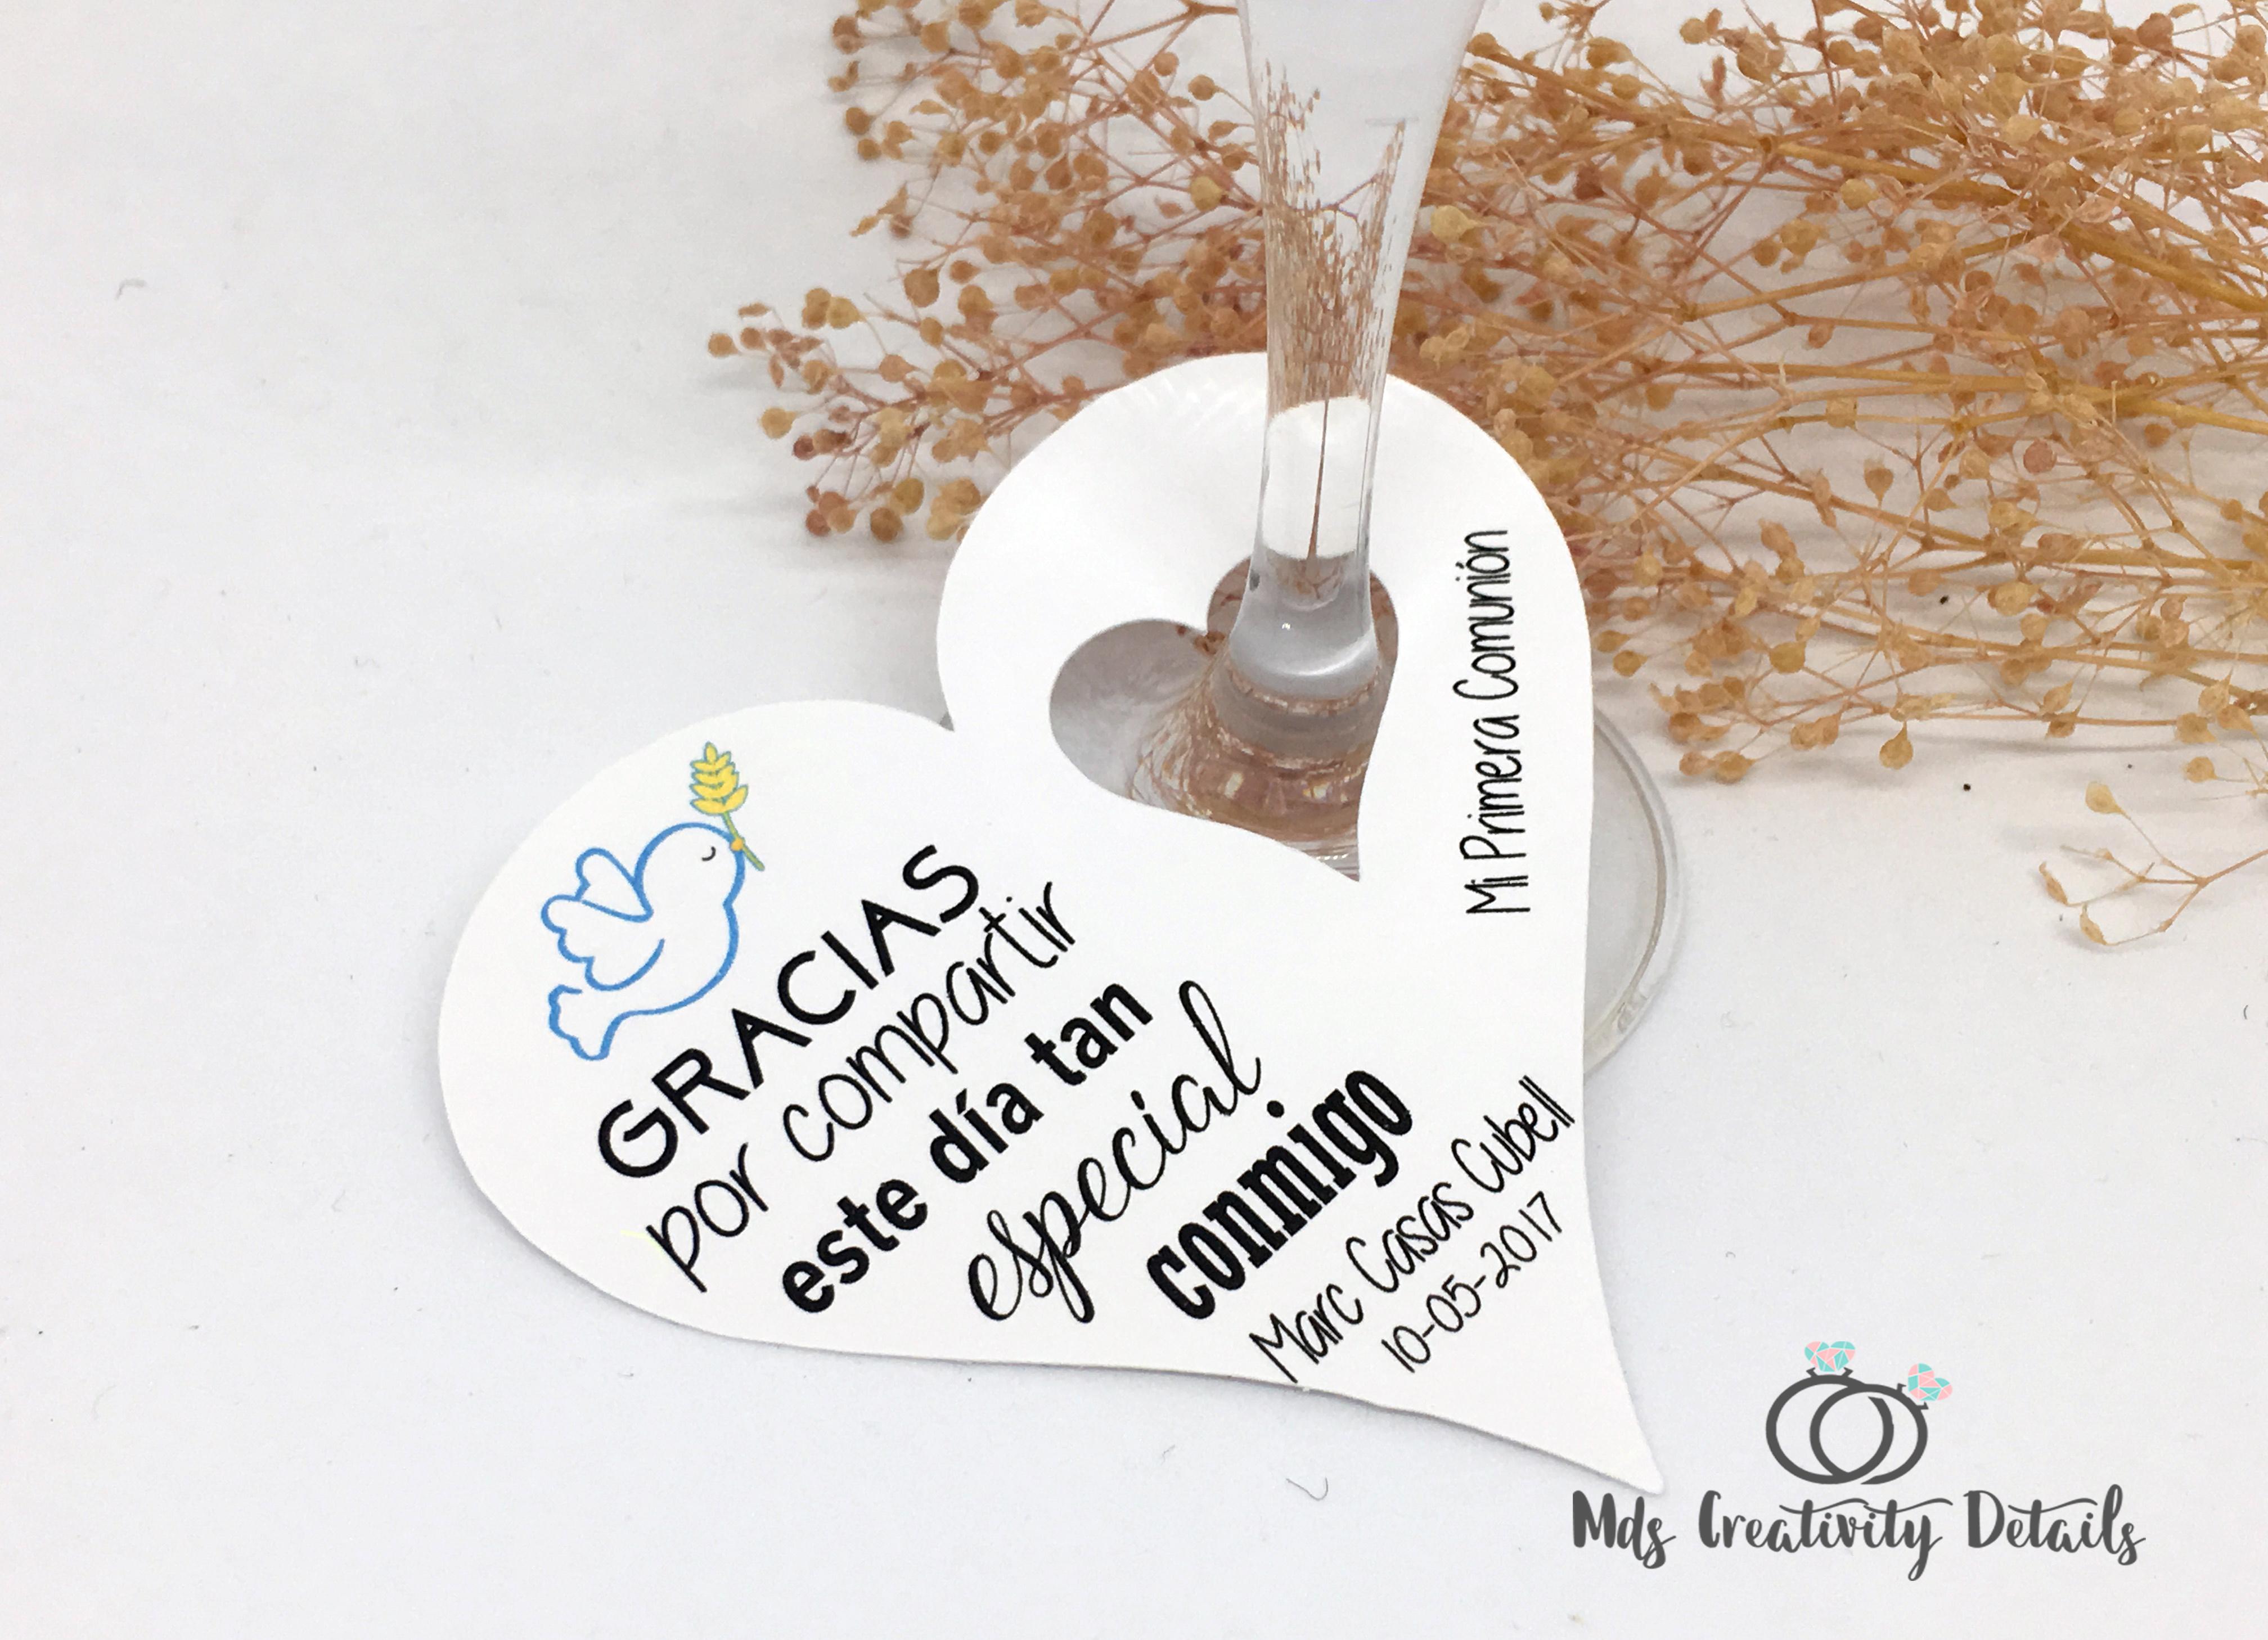 tarjeta agradecimiento comuniÓn paloma niÑo mds creativity details